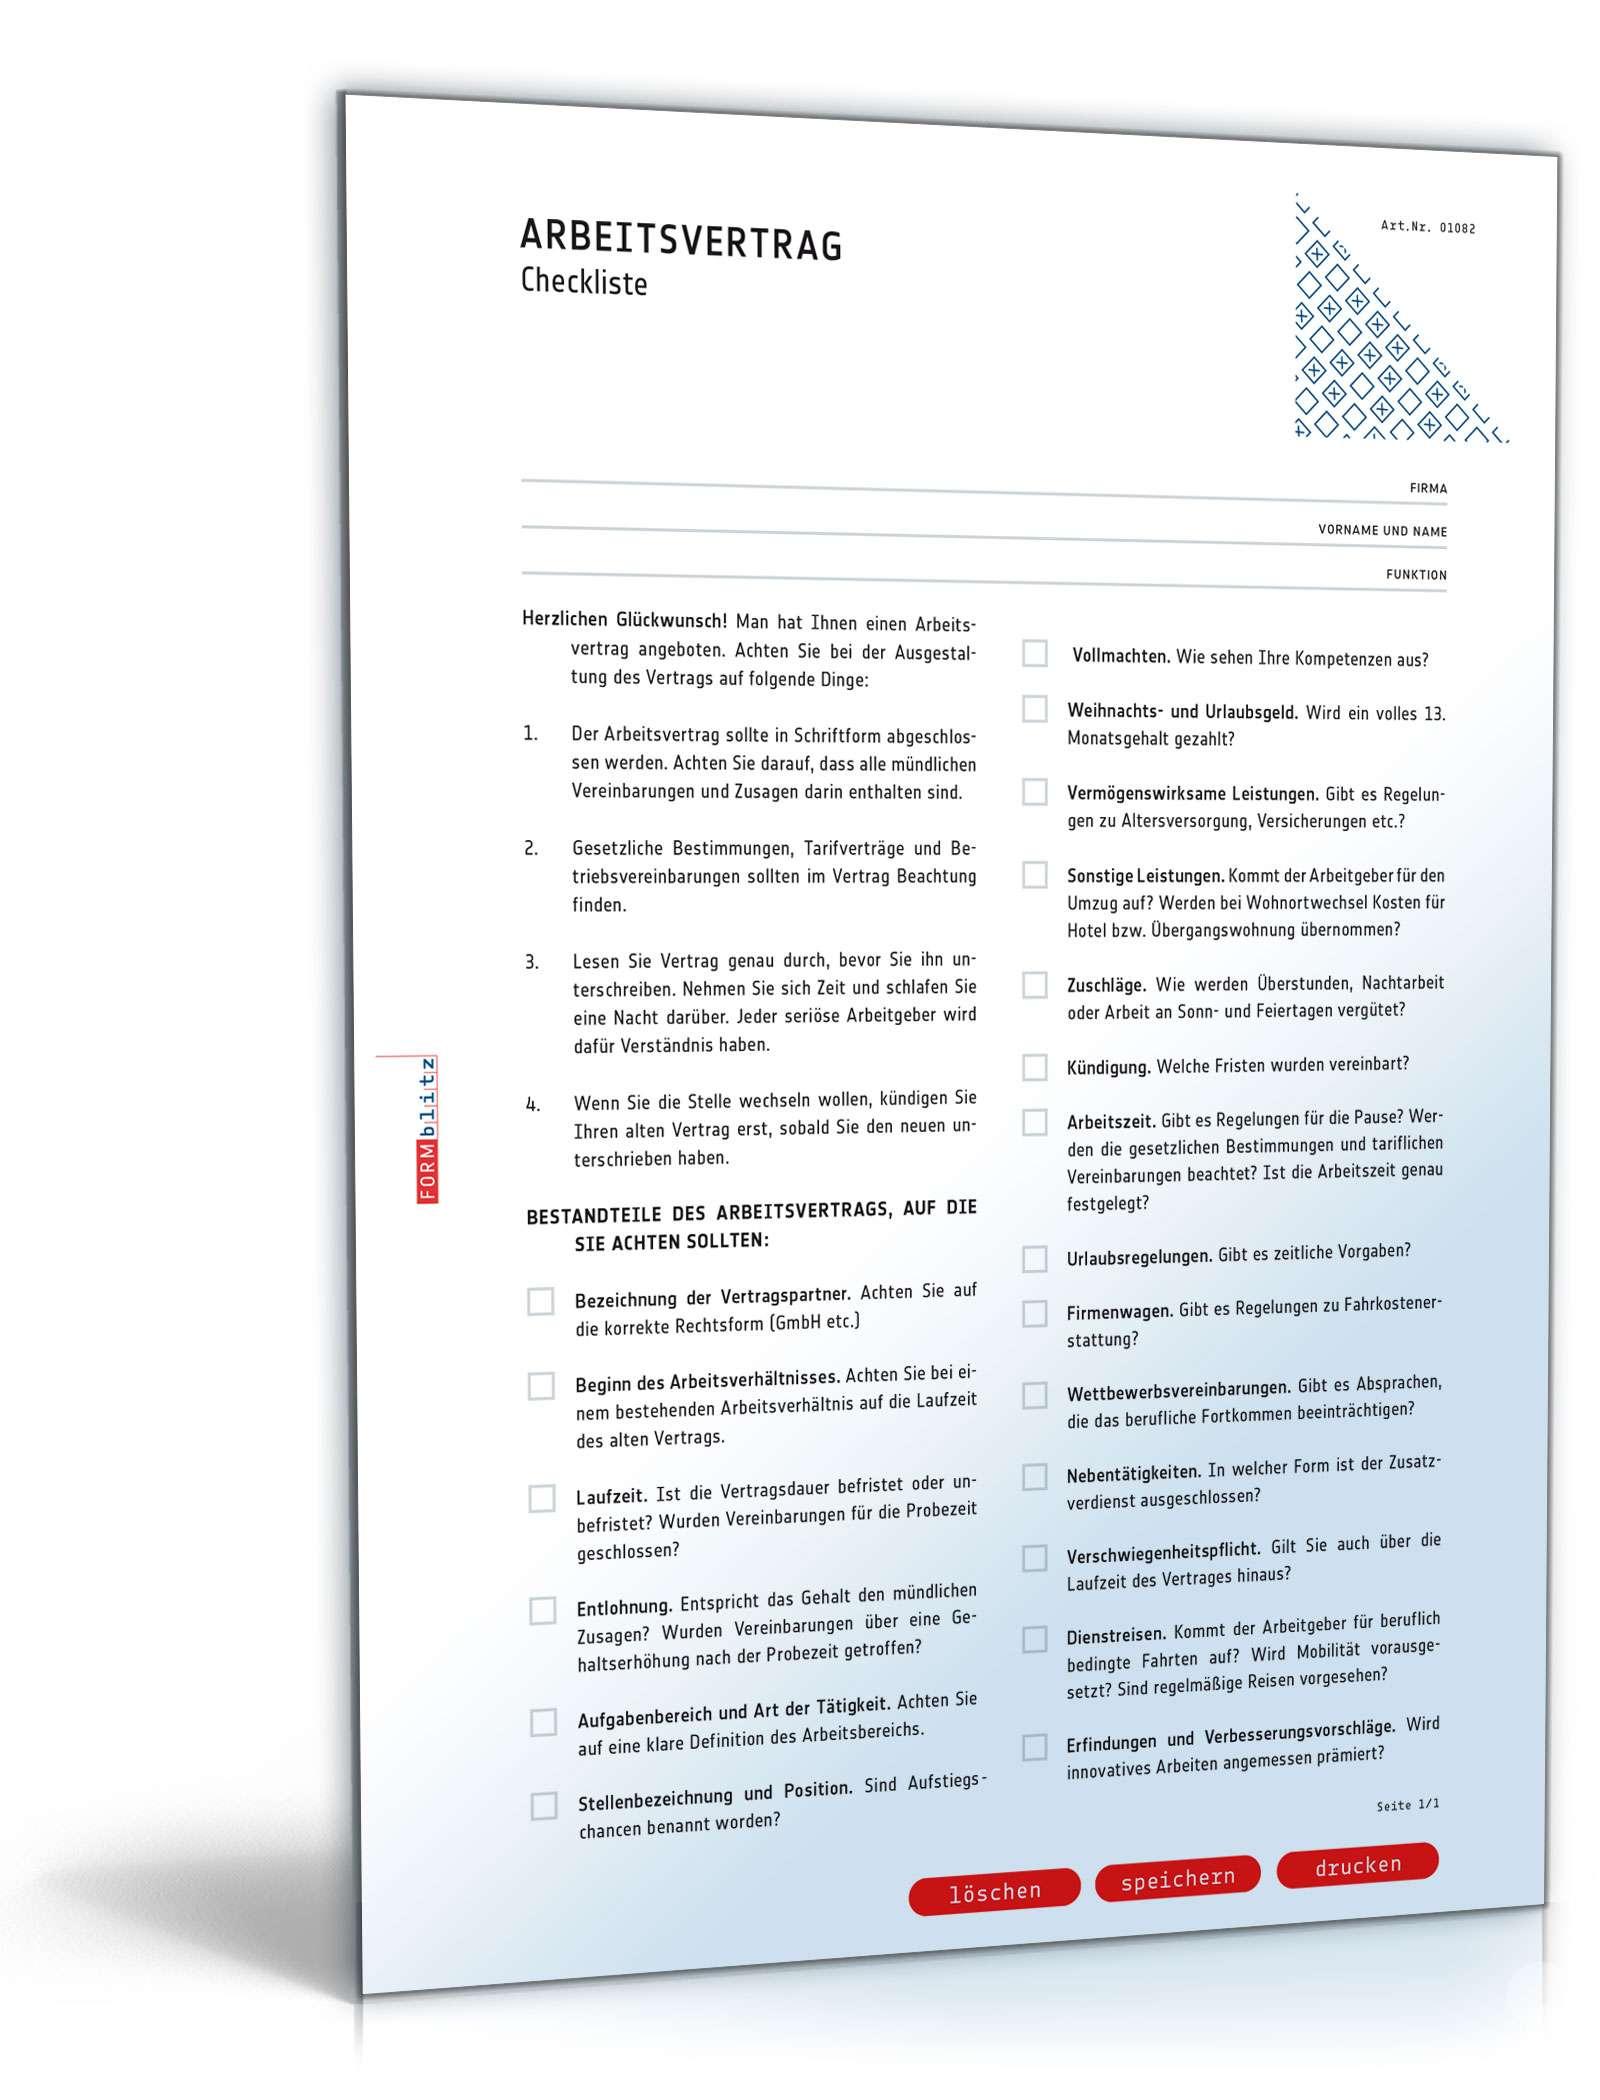 Checkliste Arbeitsvertrag Dokument zum Download